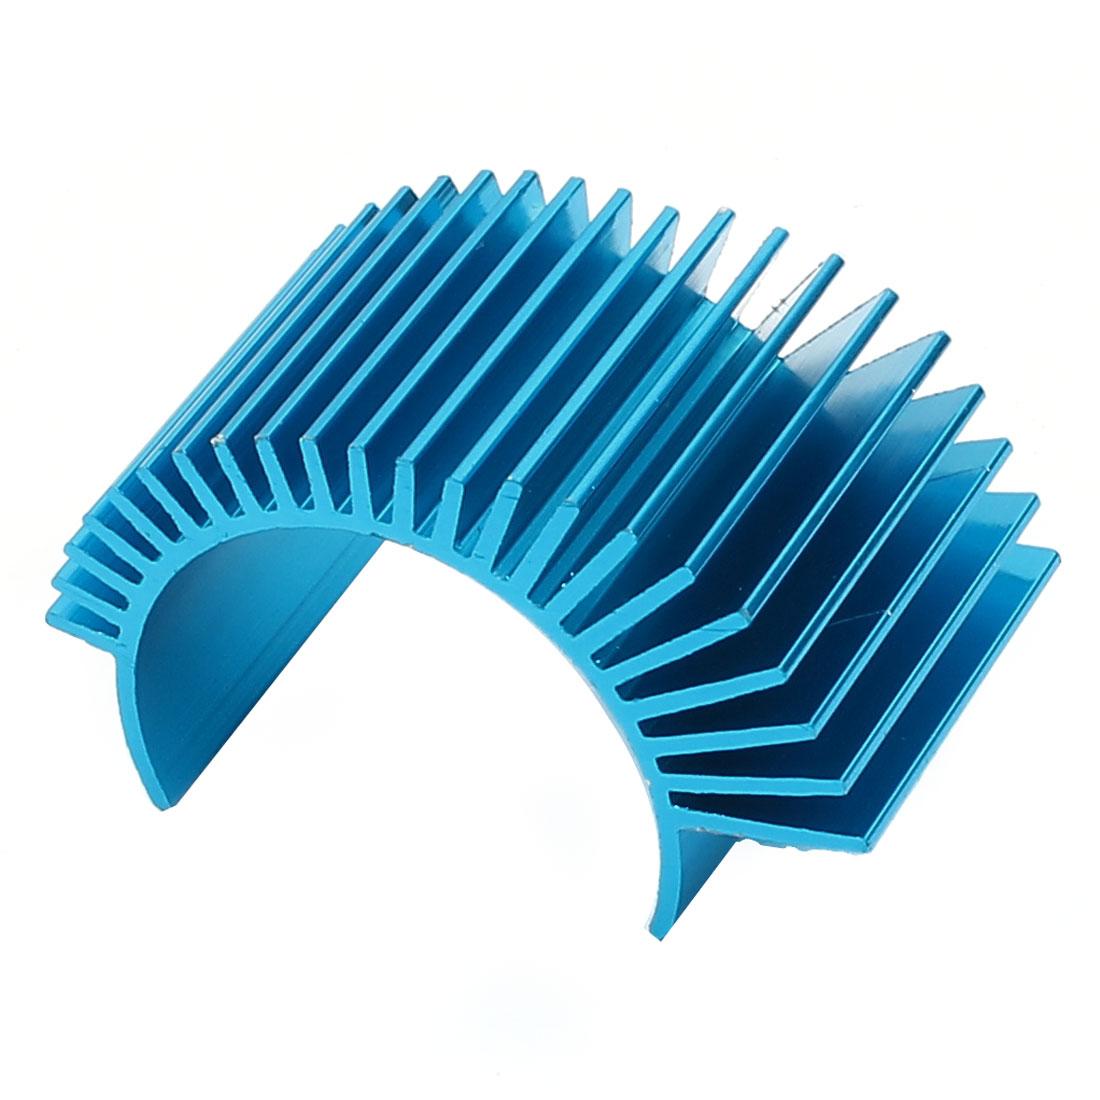 Heatsink Heat Diffuse 51mm x 28mm x 30mm Aluminum Cooling Fin Blue